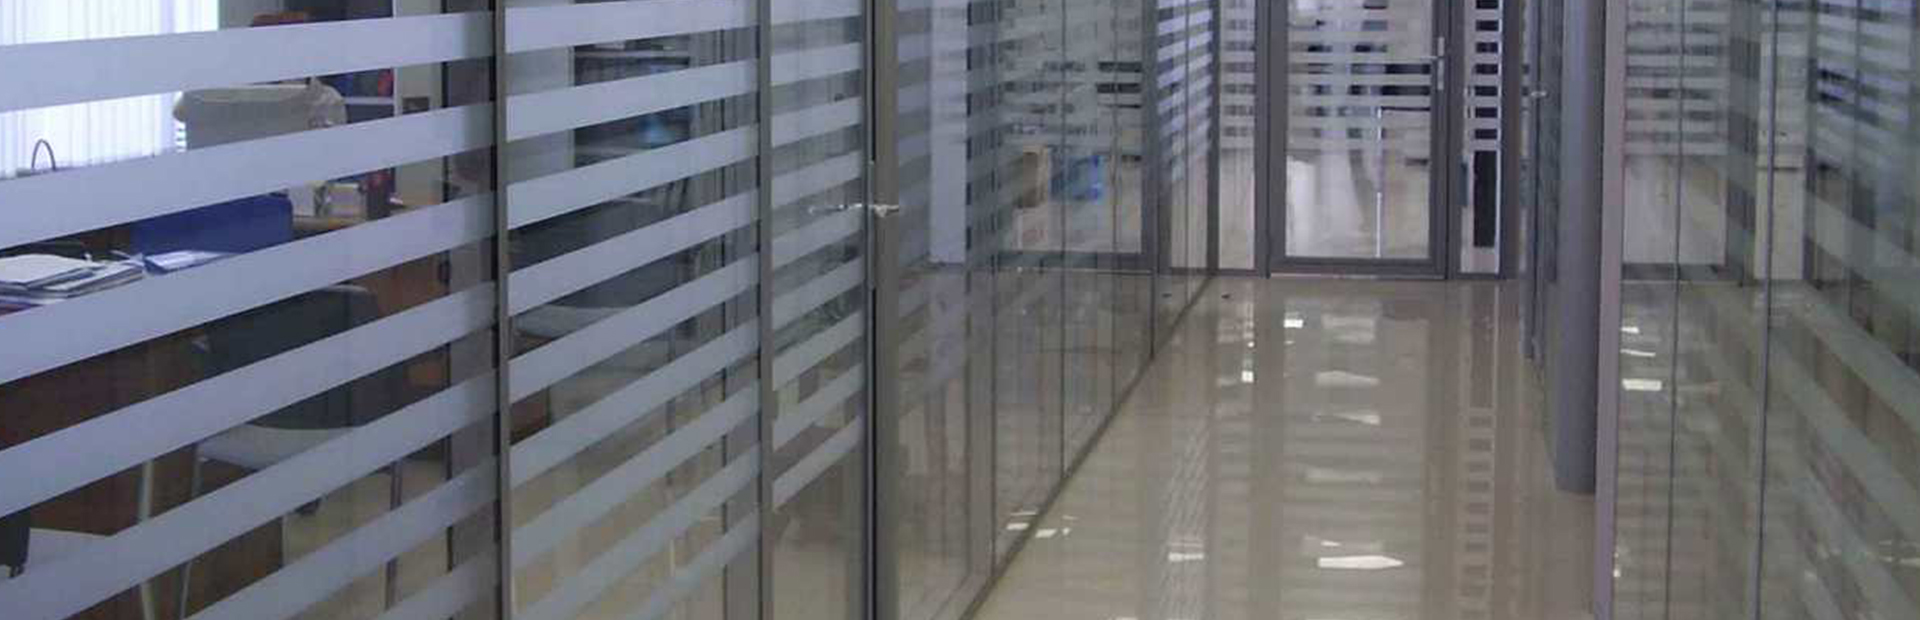 Алюминиевые интерьерные перегородки